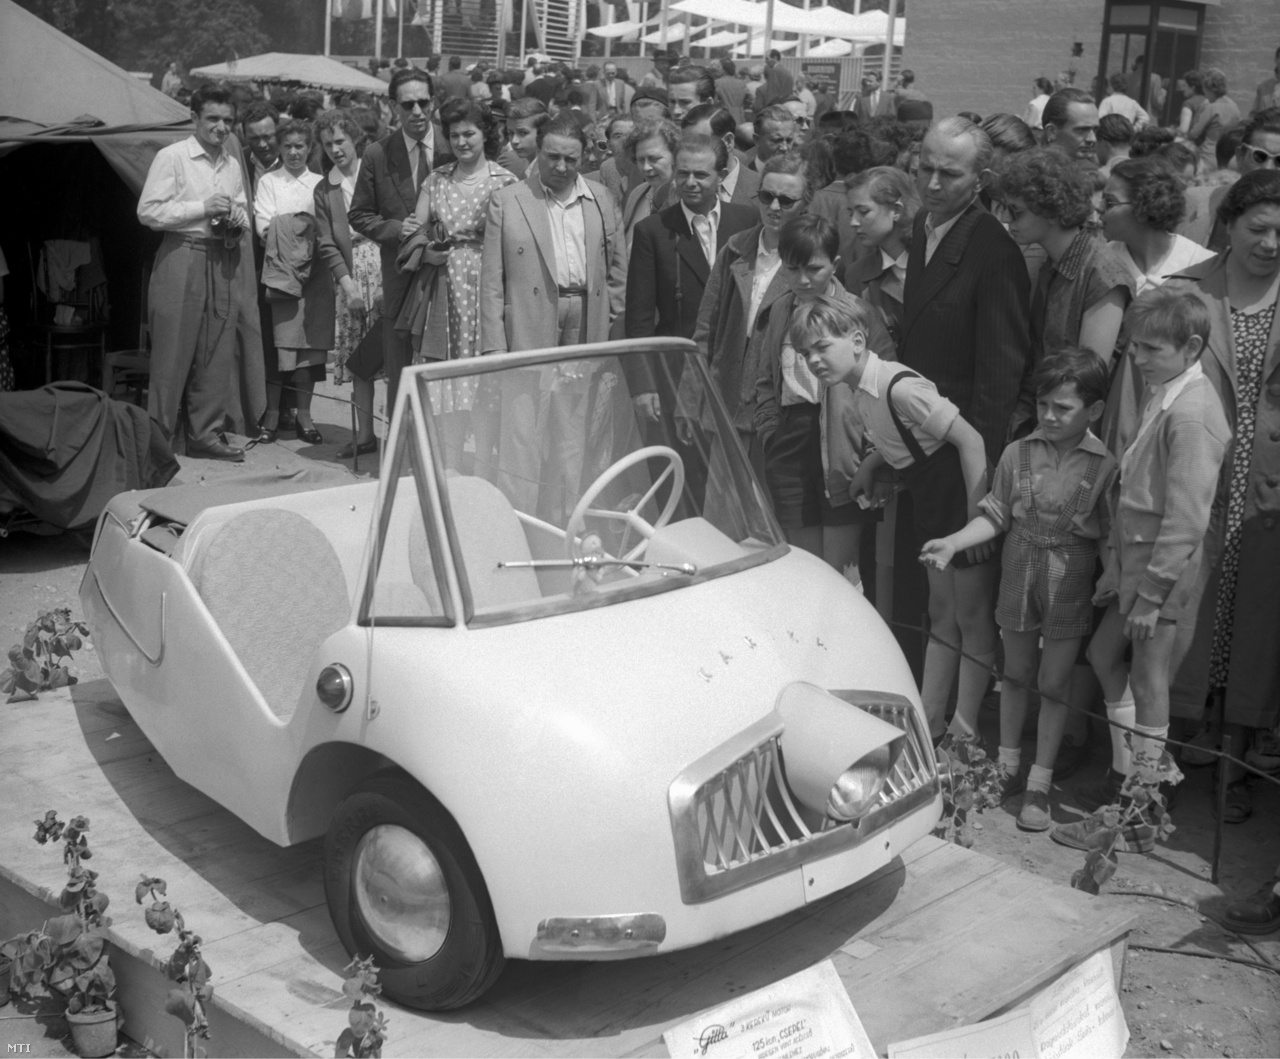 Sok csodálója volt Karika István kisiparos törpeautójának a Budapesti Ipari Vásáron a Városligetben 1957. június 2-án